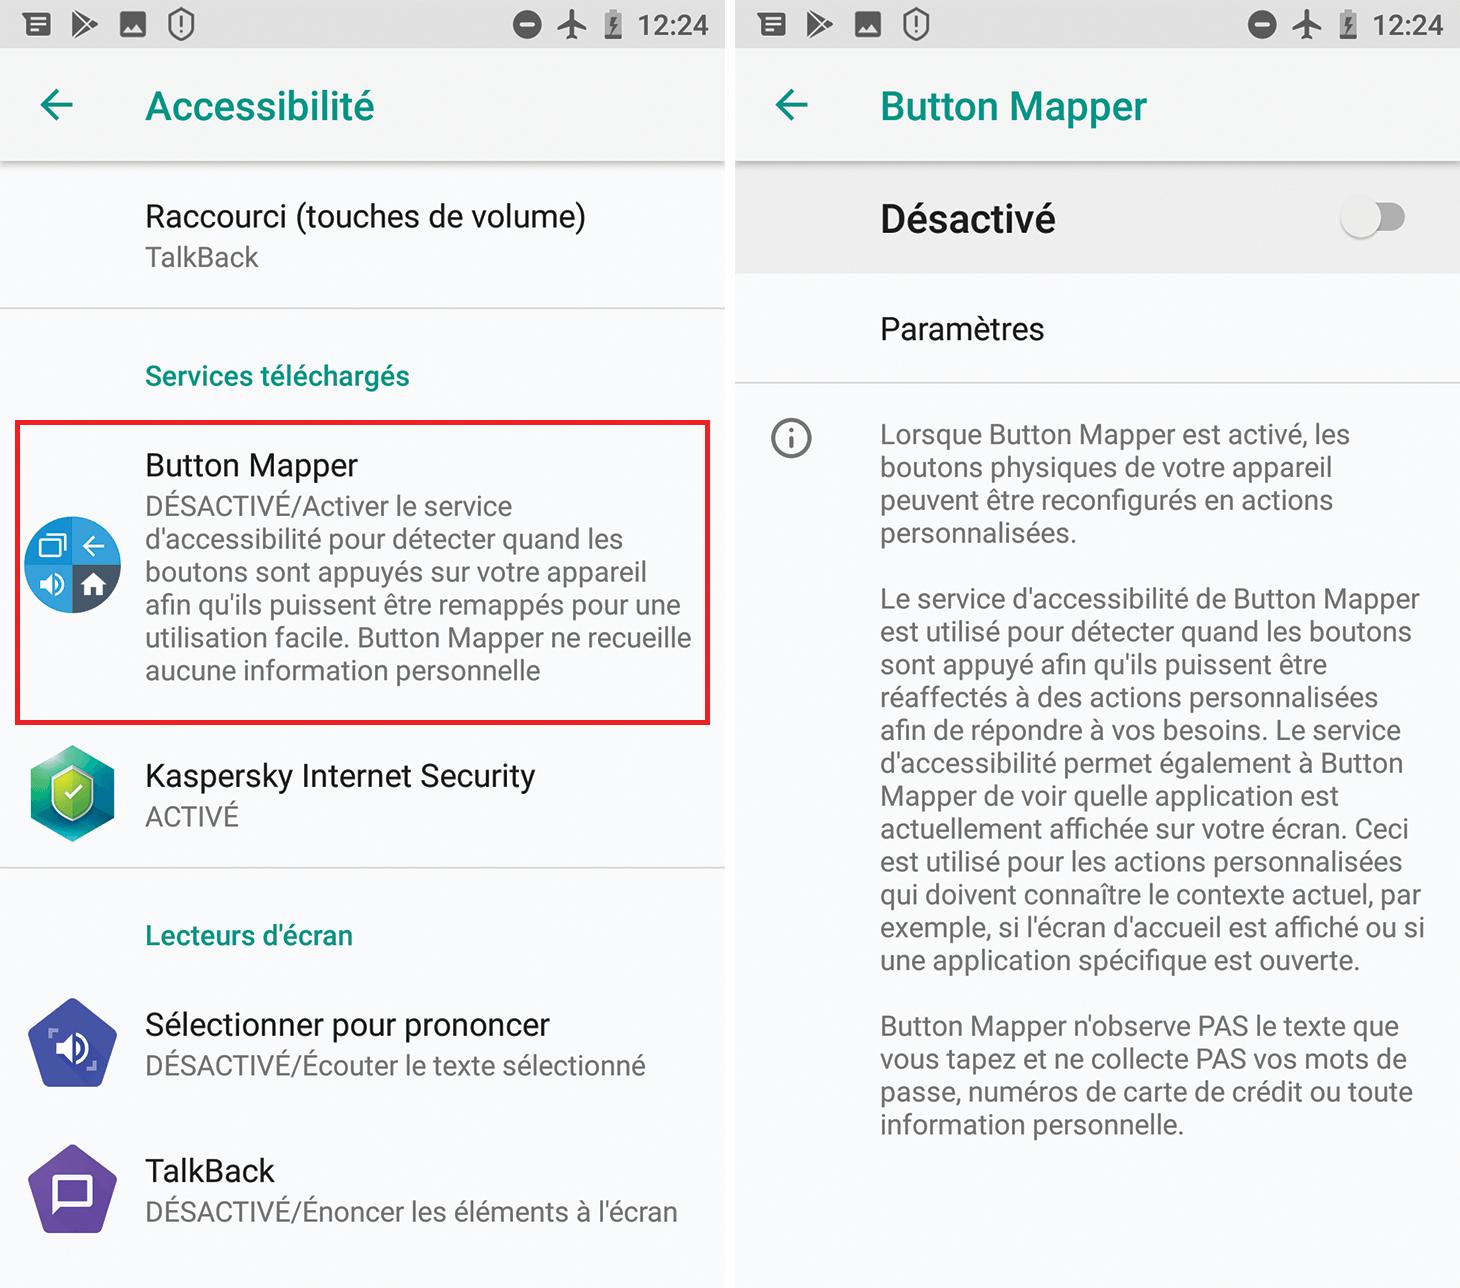 Voici Comment accéder à WhatsApp sans numéro de téléphone, en utilisant un faux numéro des États-Unis et du Philippines. Un de mes visiteurs voulait rester anonyme sur WhatsApp, donc il voulait utiliser WhatsApp avec un autre numéro, je lui ai trouvé une solution et je la partage avec tout...